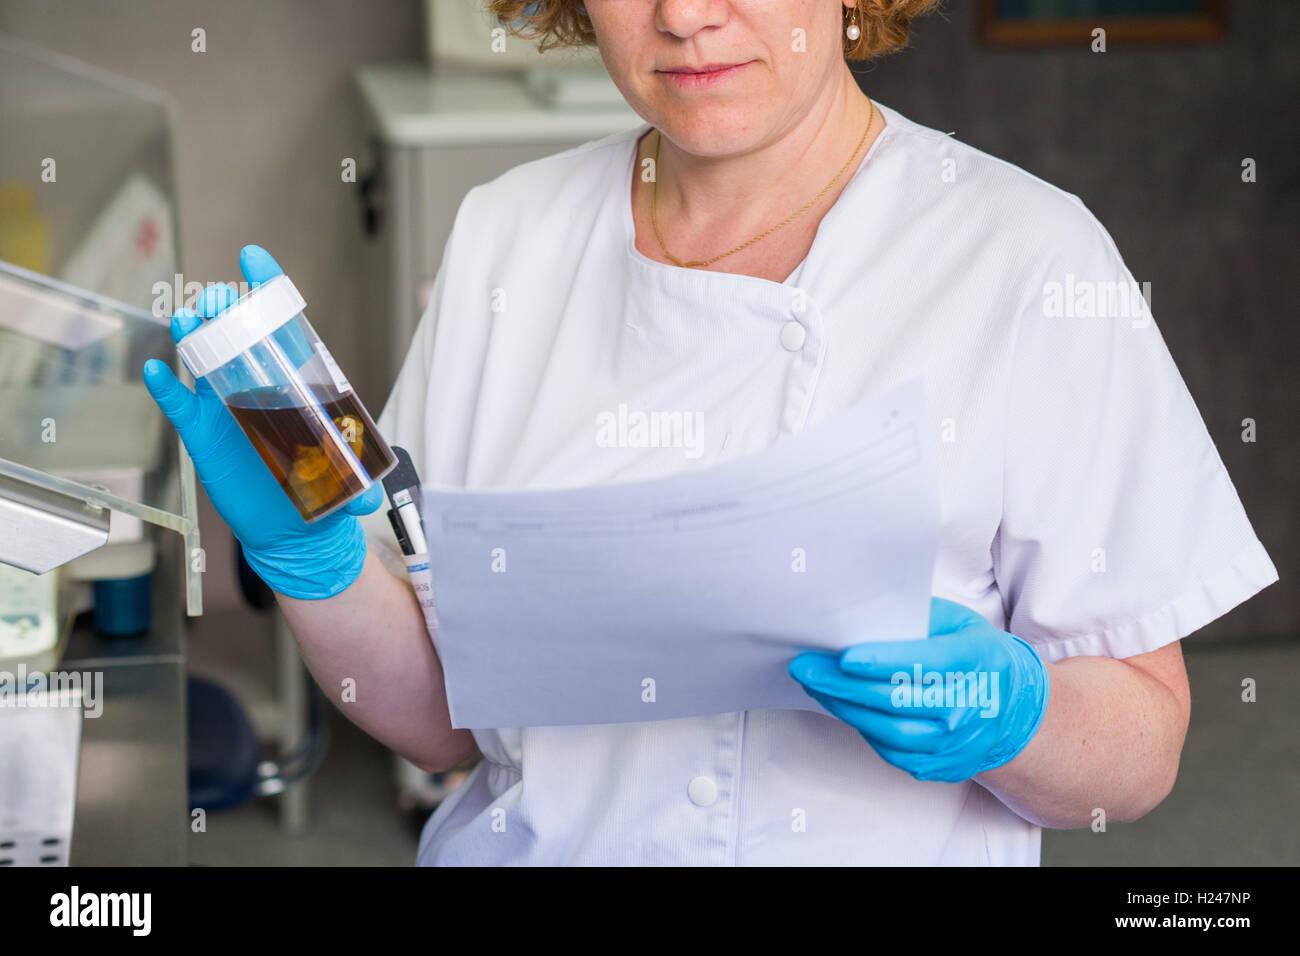 Anatomopathology diagnosis of a vesicle, Angouleme hospital laboratory, France. - Stock Image